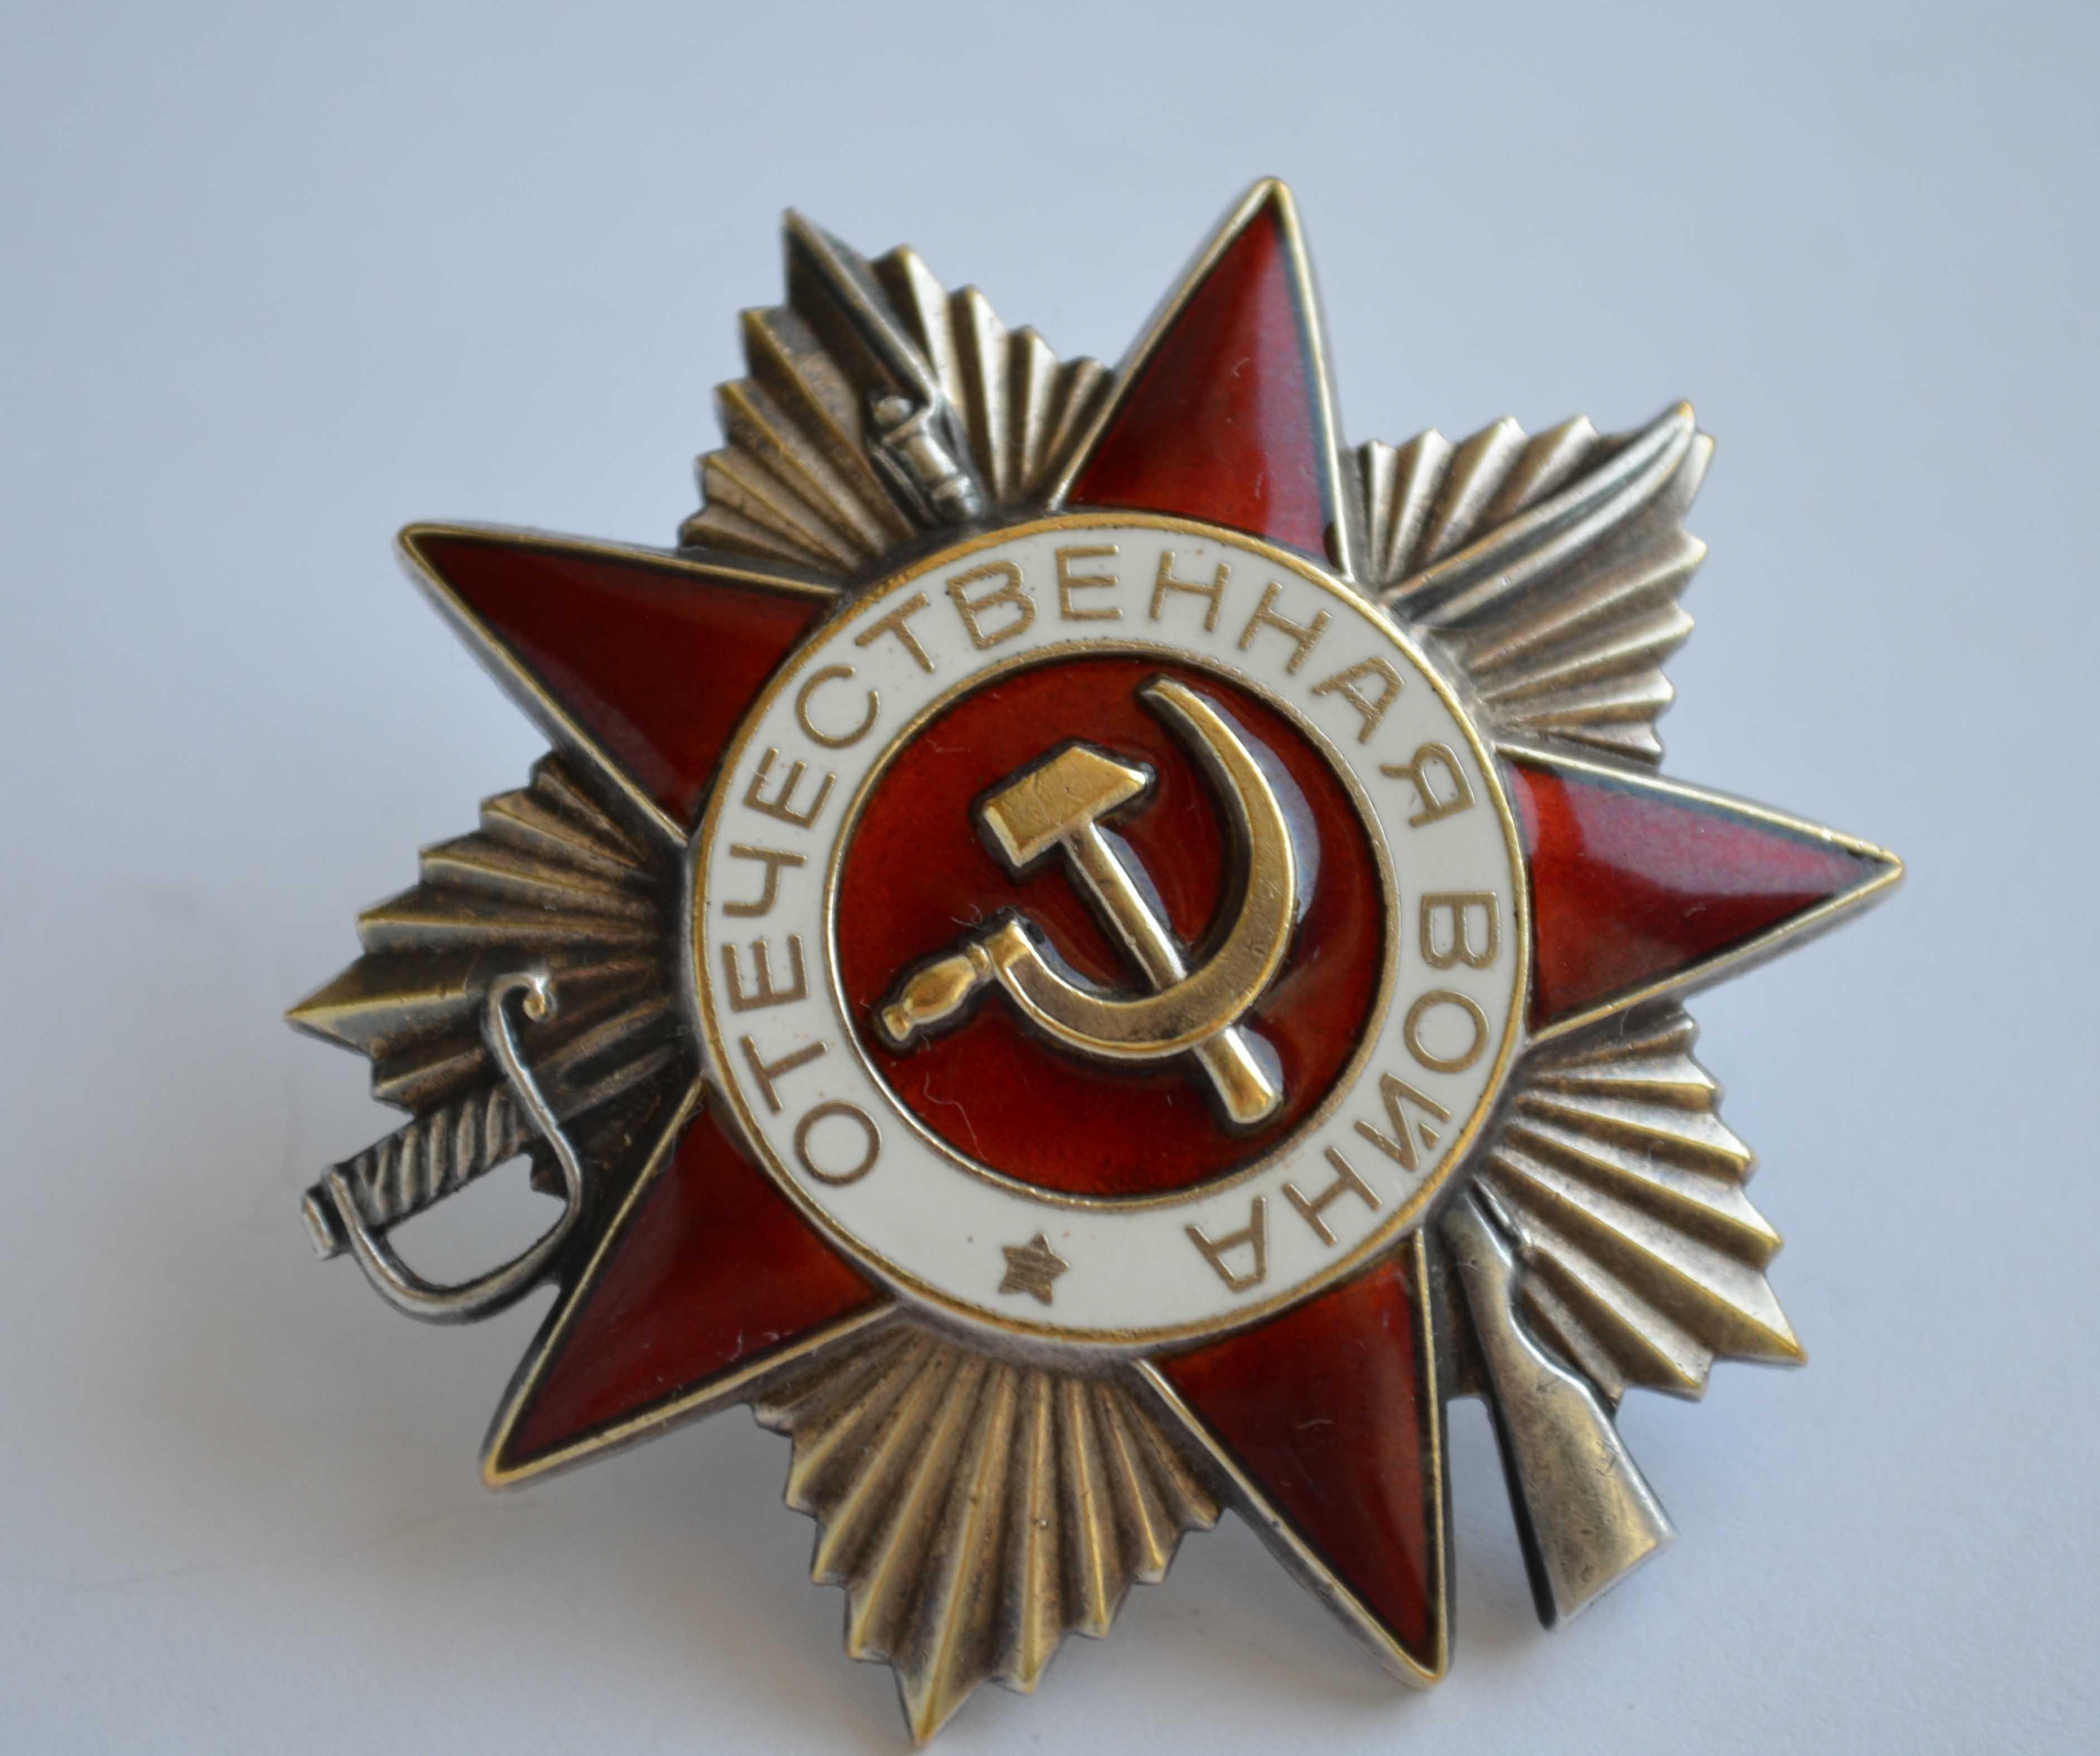 Орден отечественной войны 2 степени, цена на черном рынке